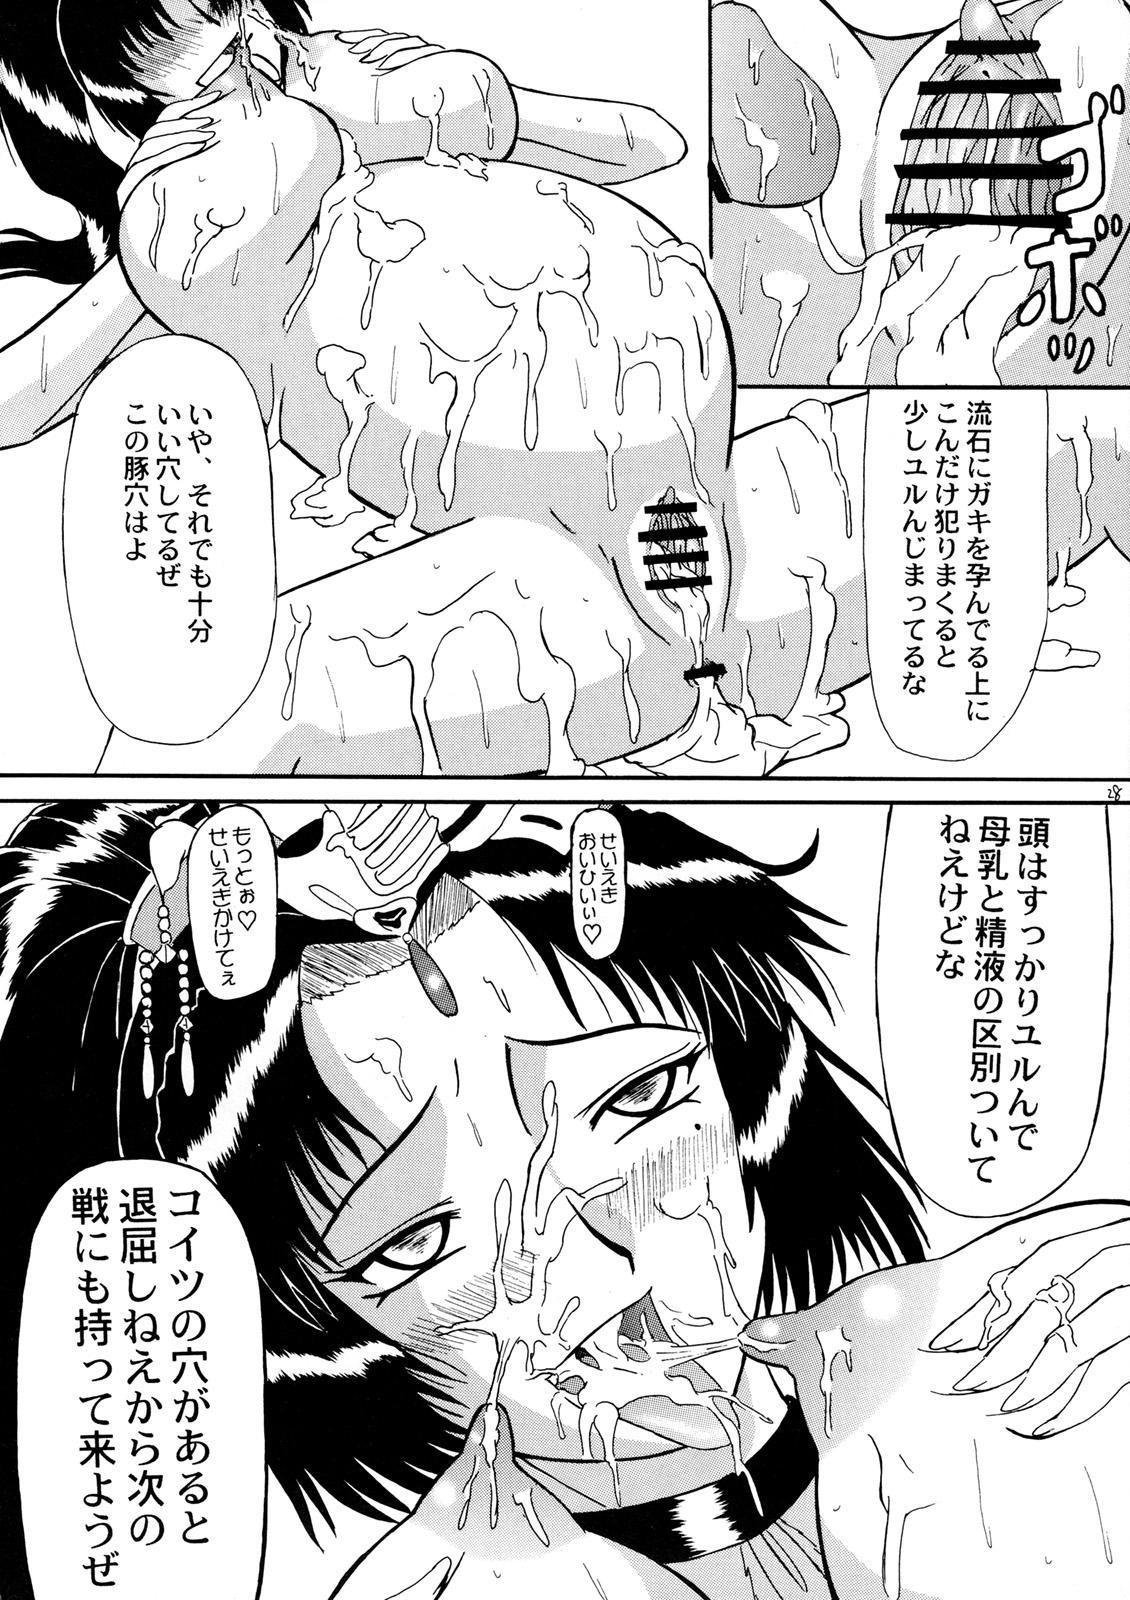 Tsukiyou Hikyou 26